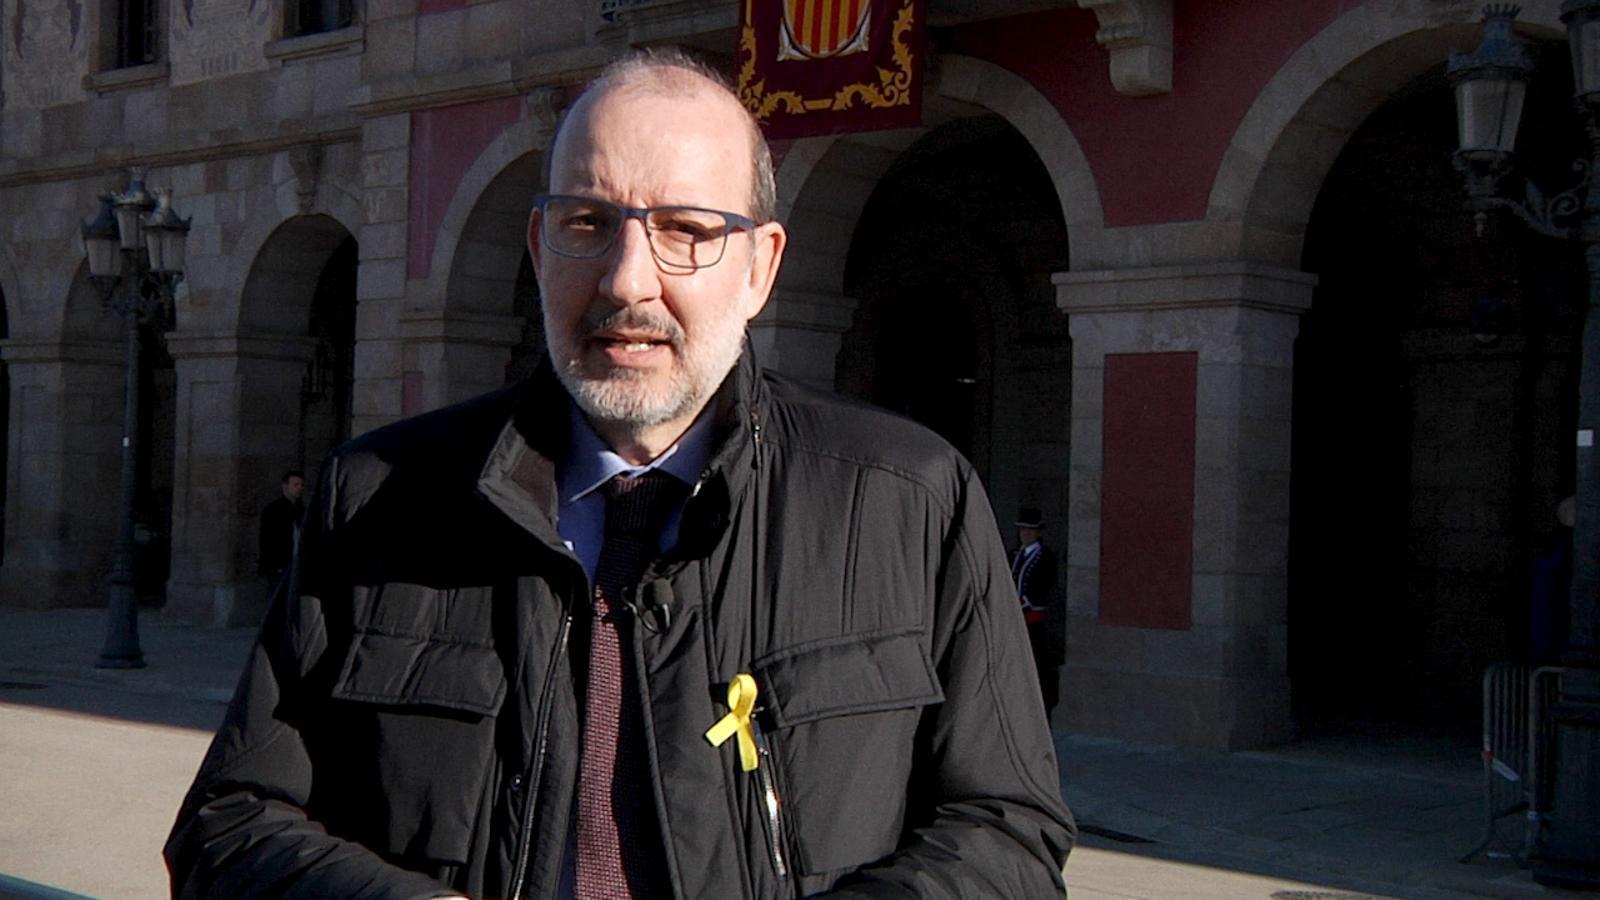 L'anàlisi d'Antoni Bassas: 'La majoria parlamentària busca estratègia'